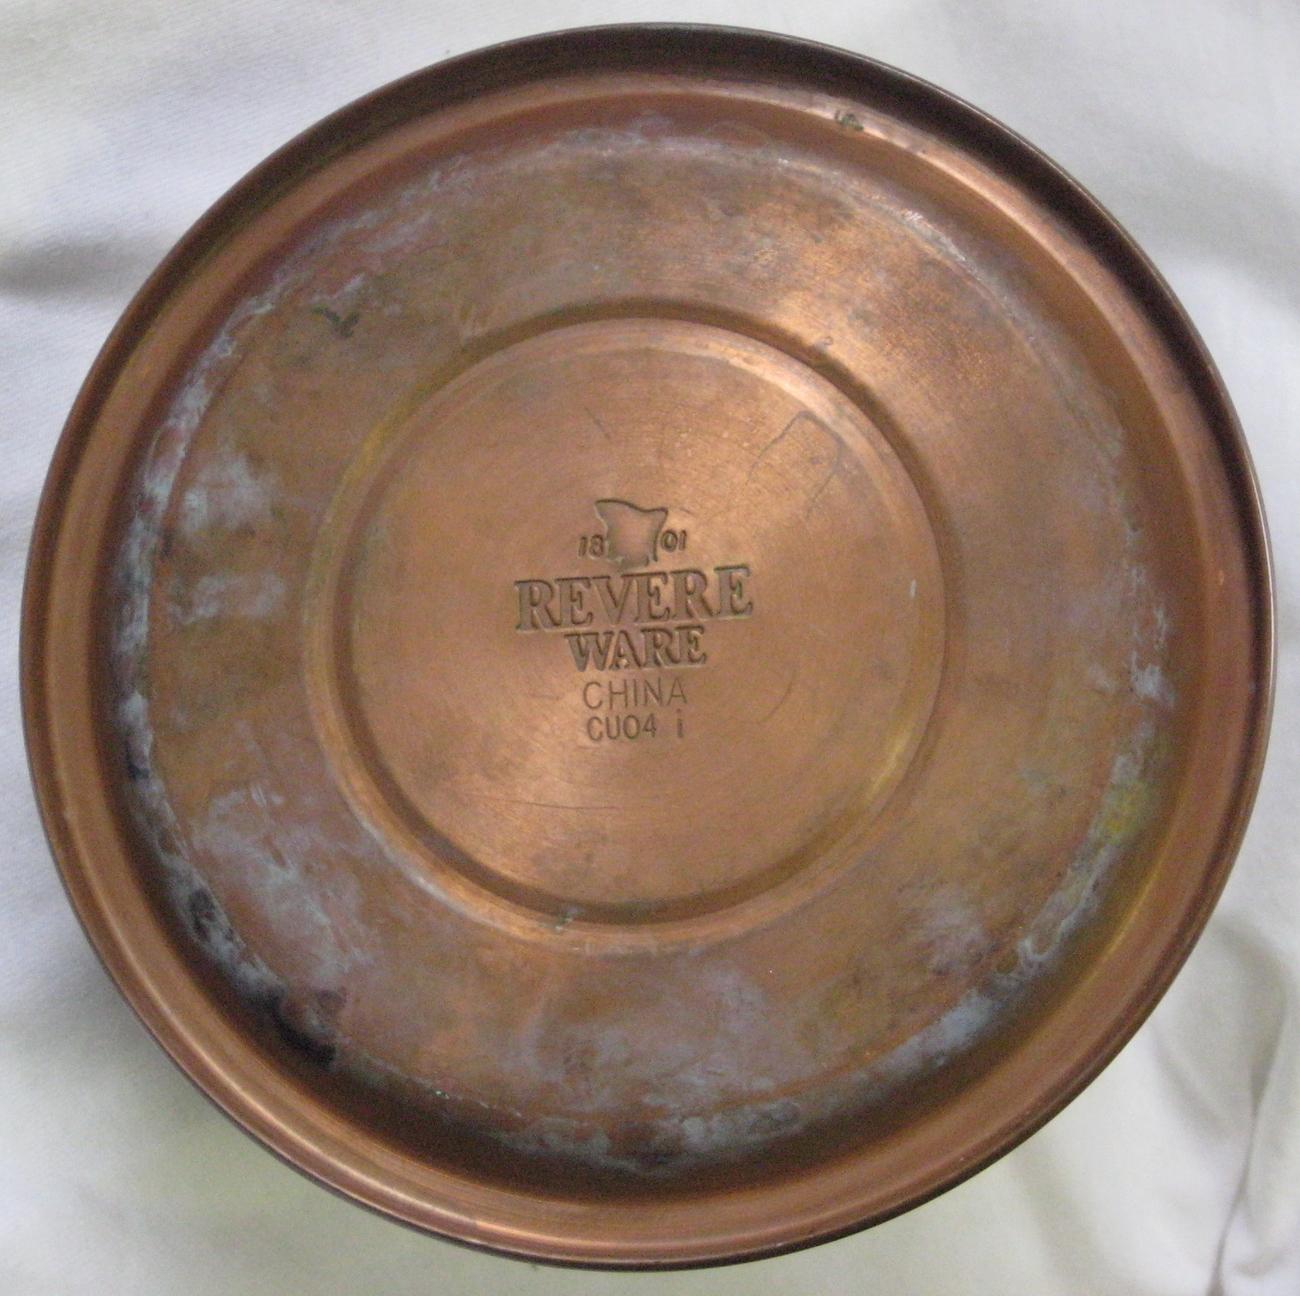 Revere Ware Whistling Tea Kettle Copper Bottom Stainless Top